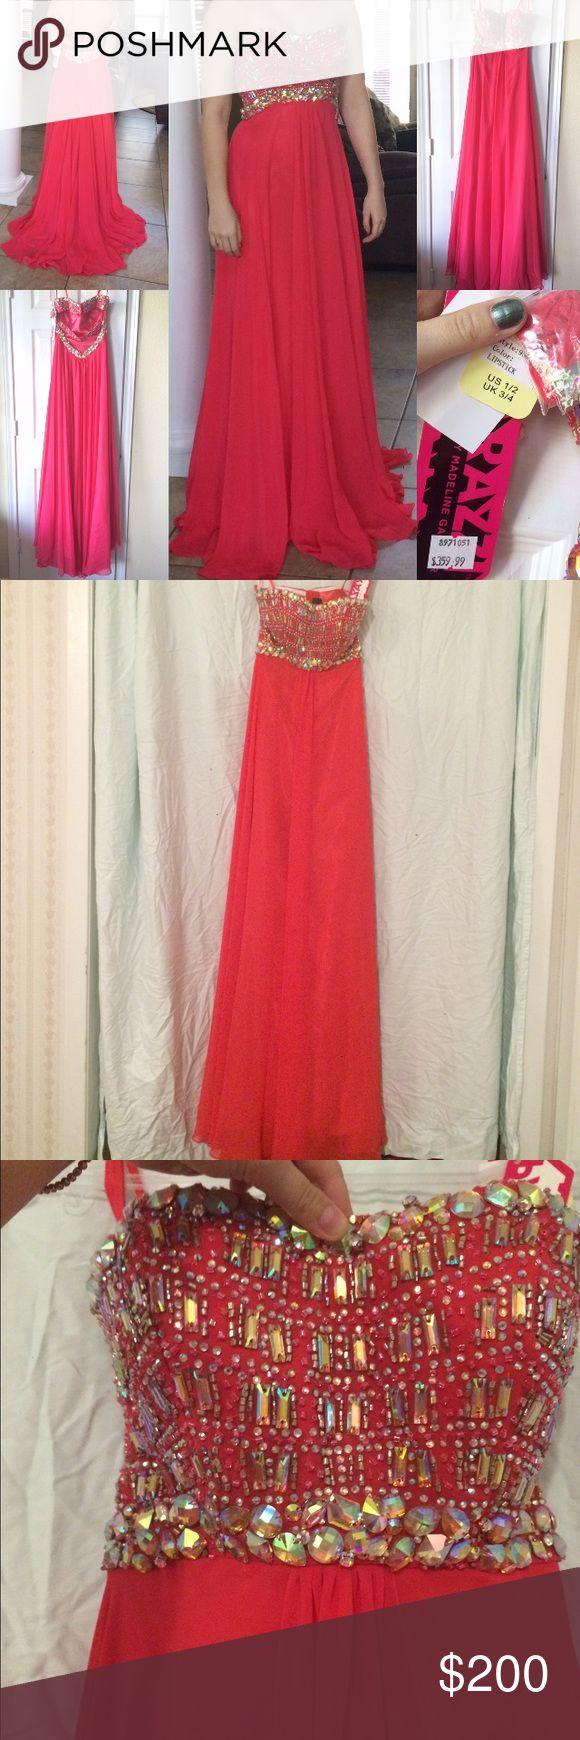 Prom dress maroon 3 1 2